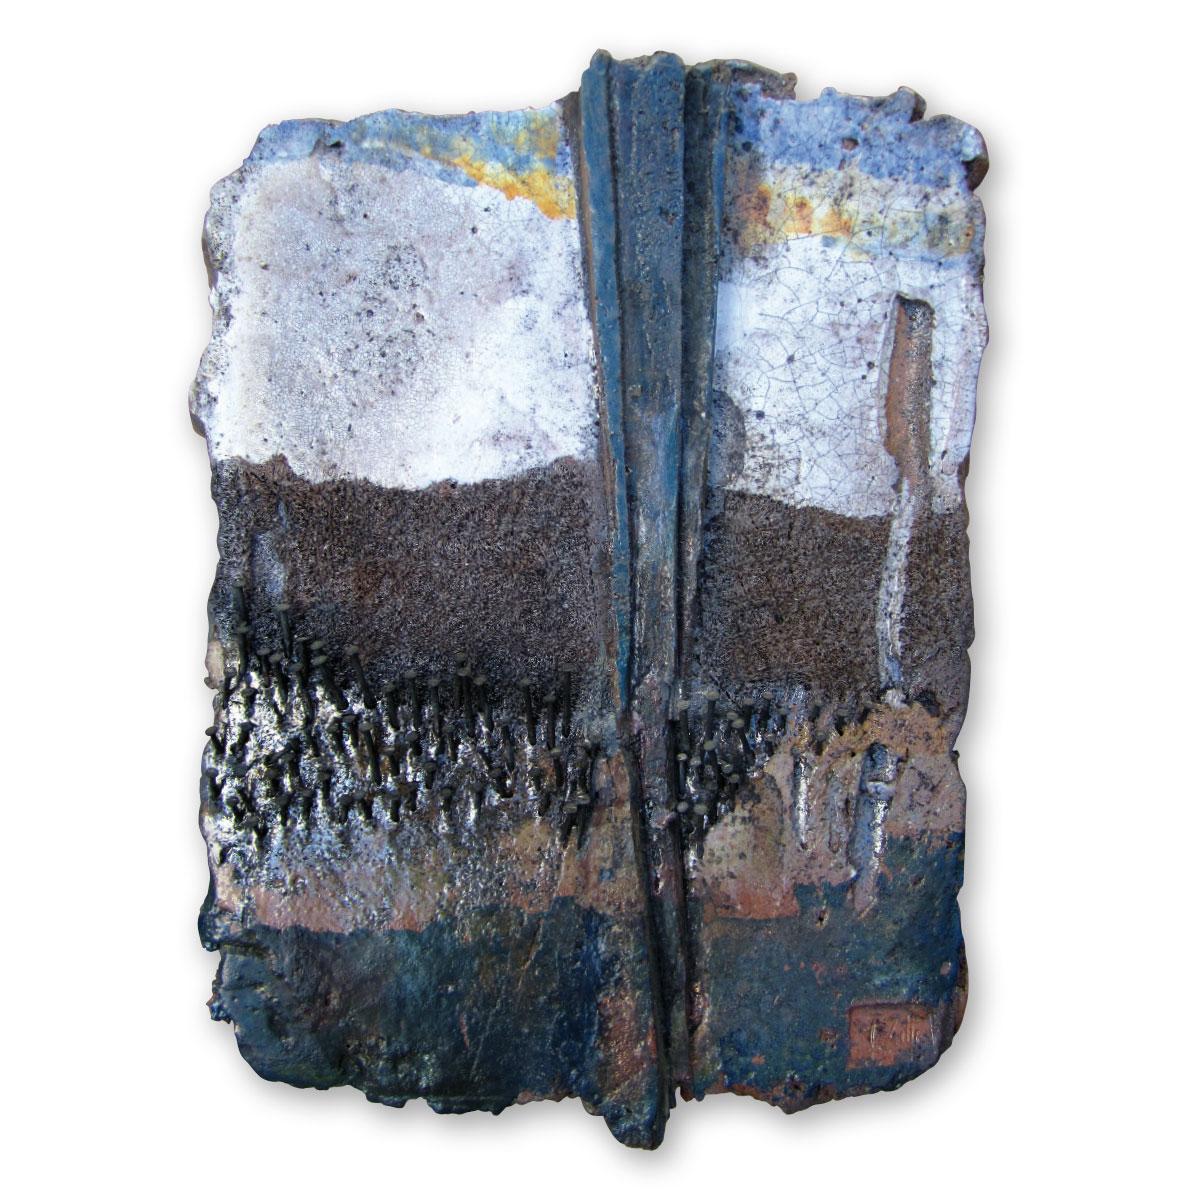 L'opera dell'artista Vittorio Zitti acquisita dal Museo a cielo aperto di Denice, dedicato alla ceramica contemporanea